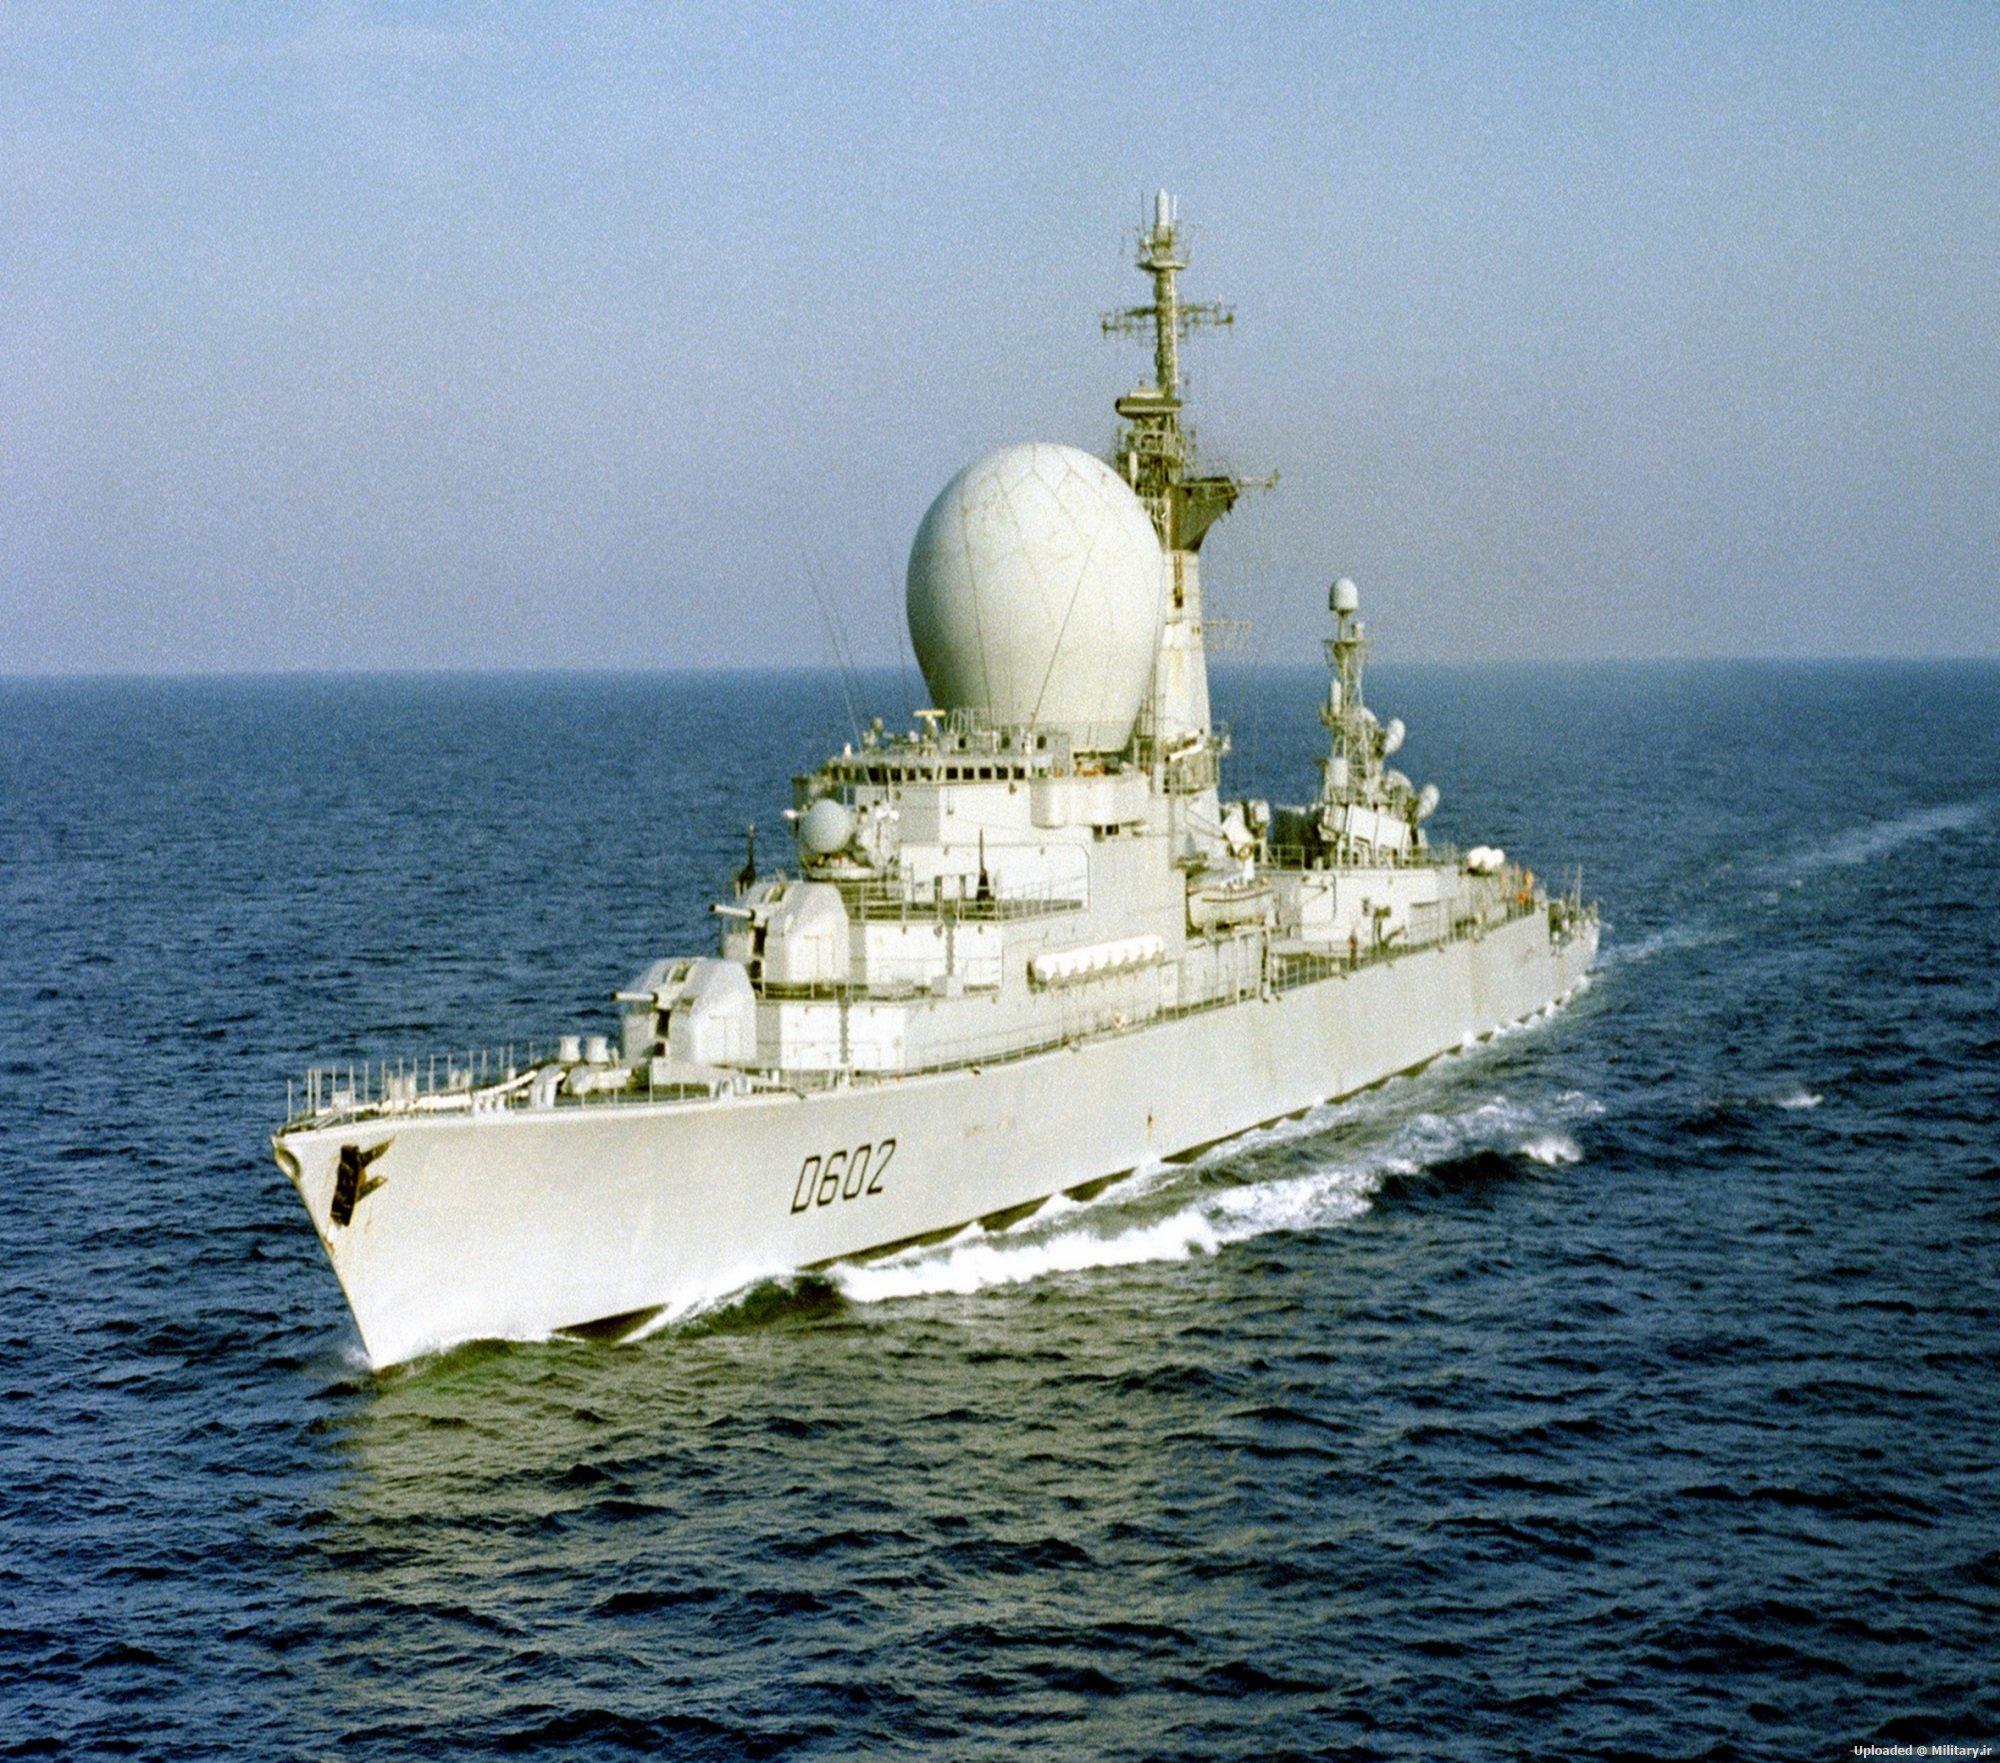 French_destroyer_Suffren_28D_60229_under